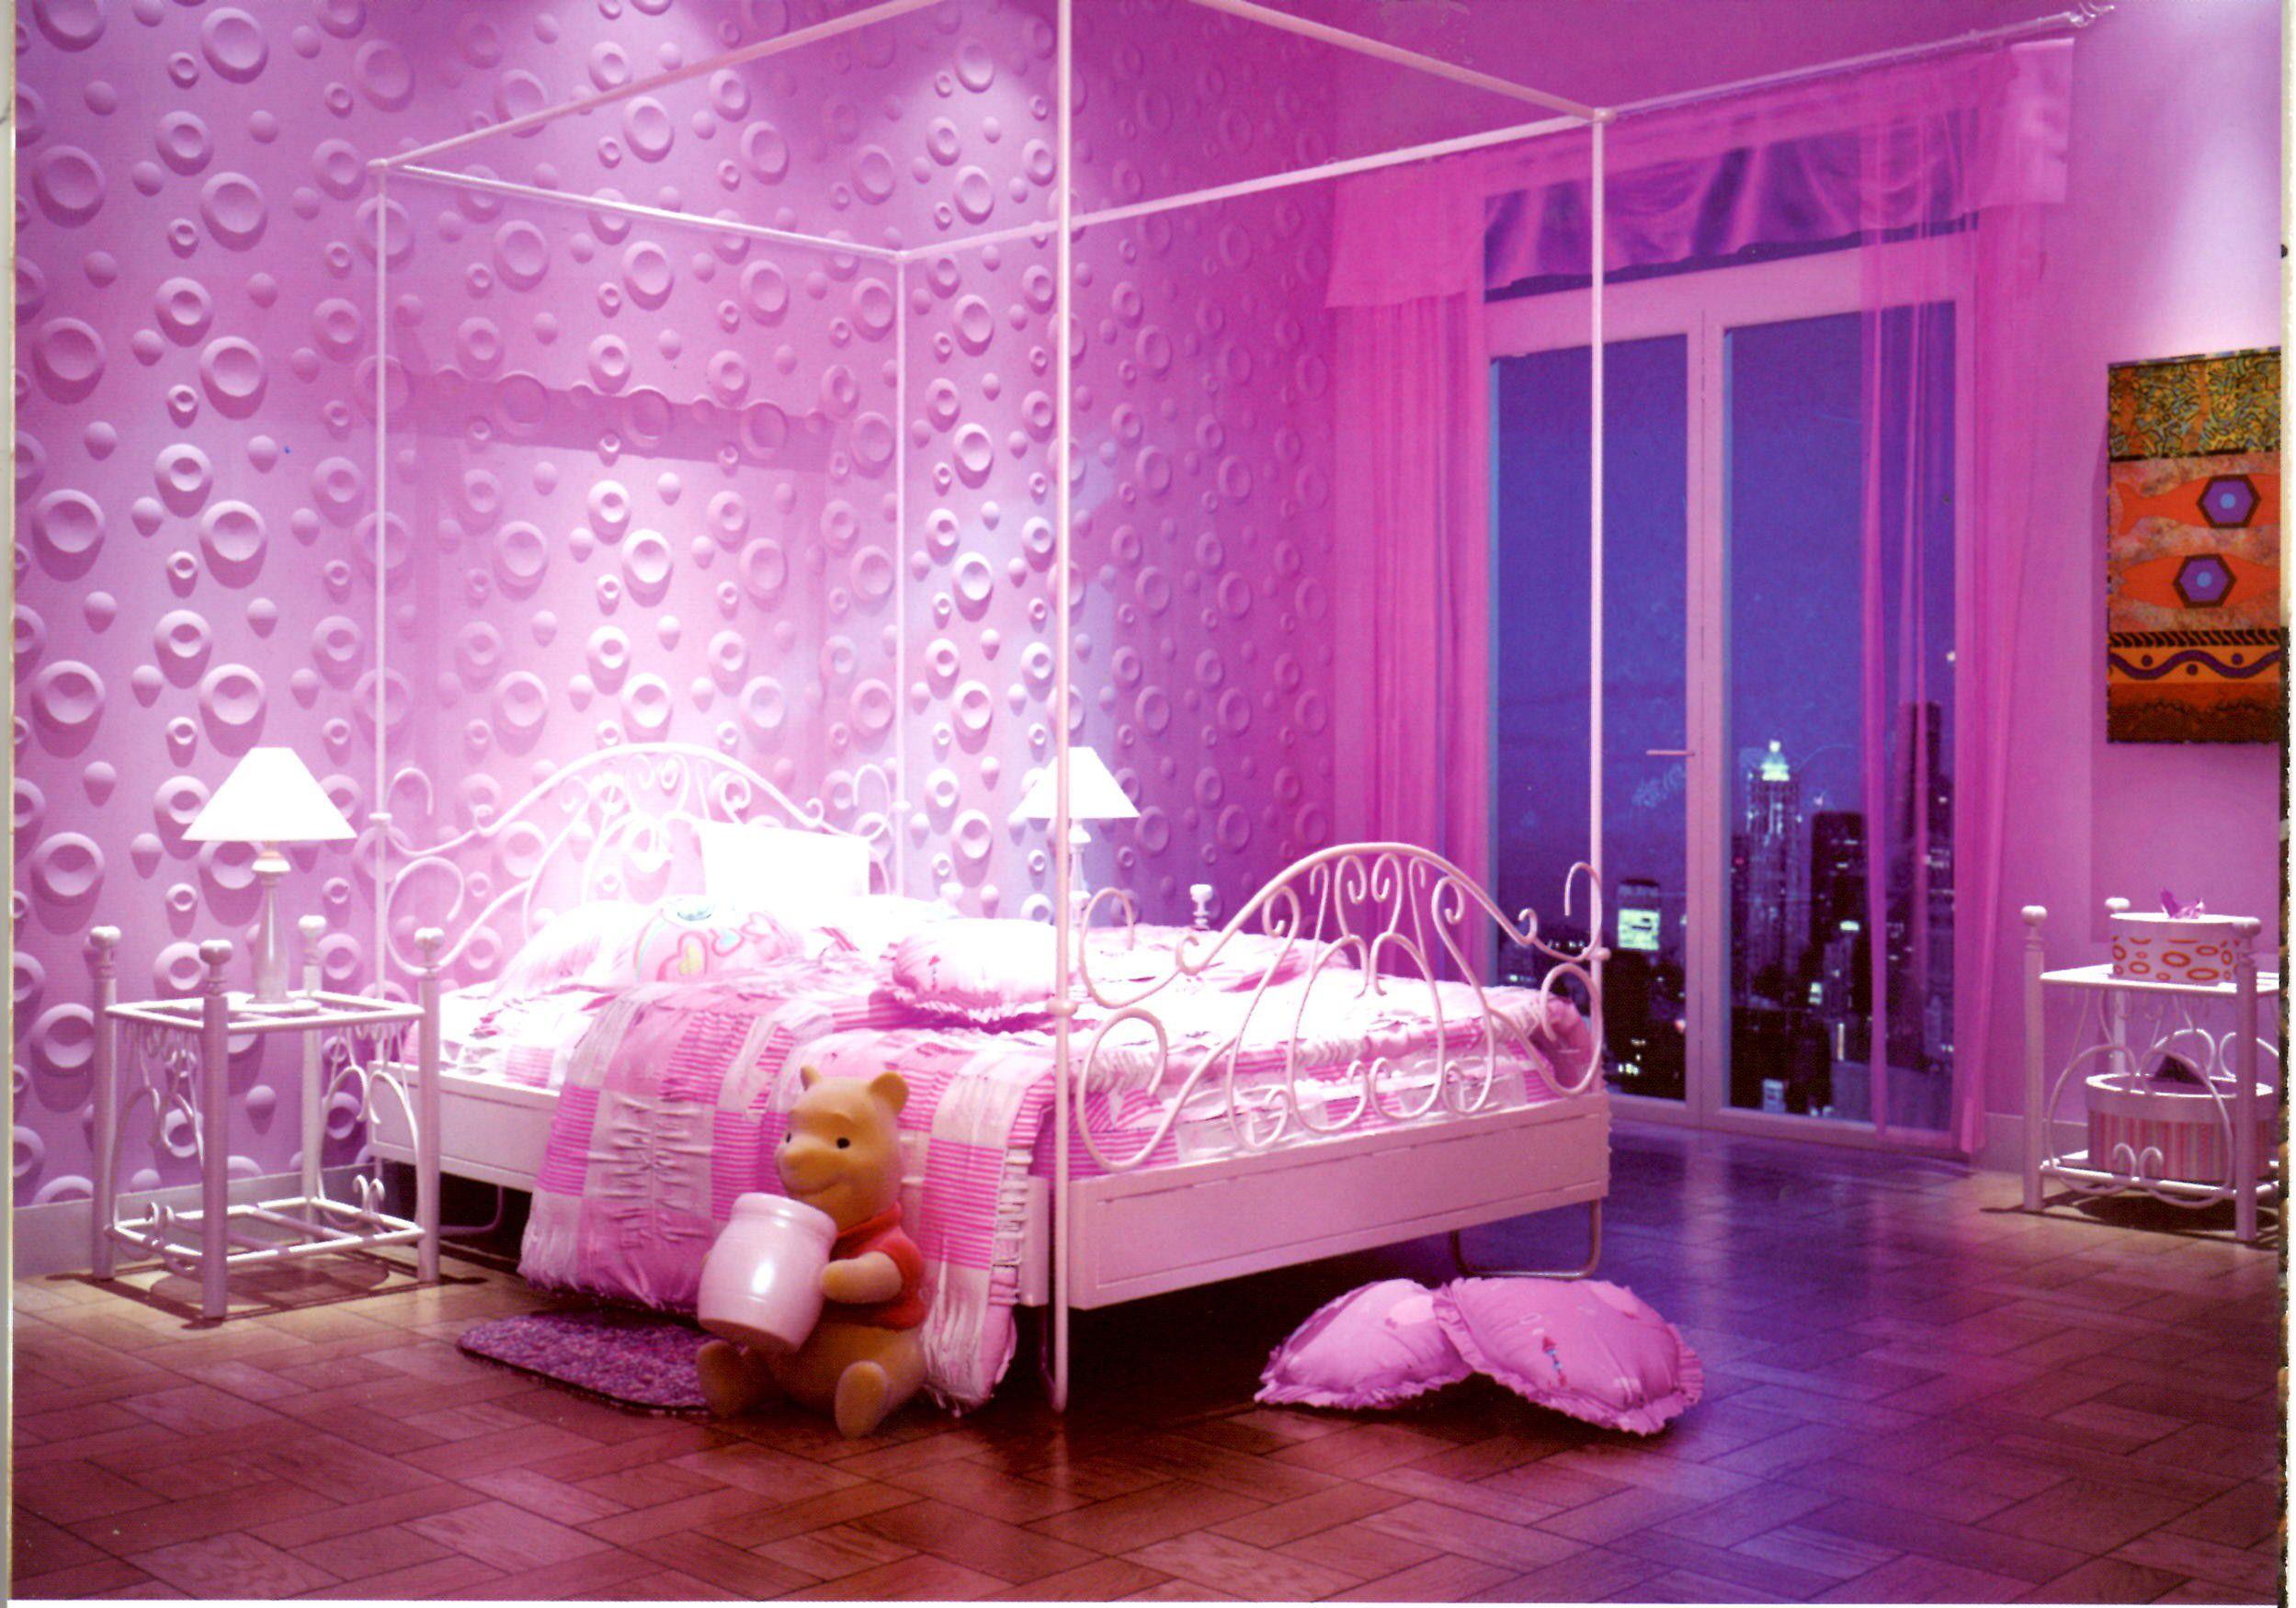 Wowww Bedroom Colors Trendy Bedroom Best Bedroom Colors Purple minimalist room decor